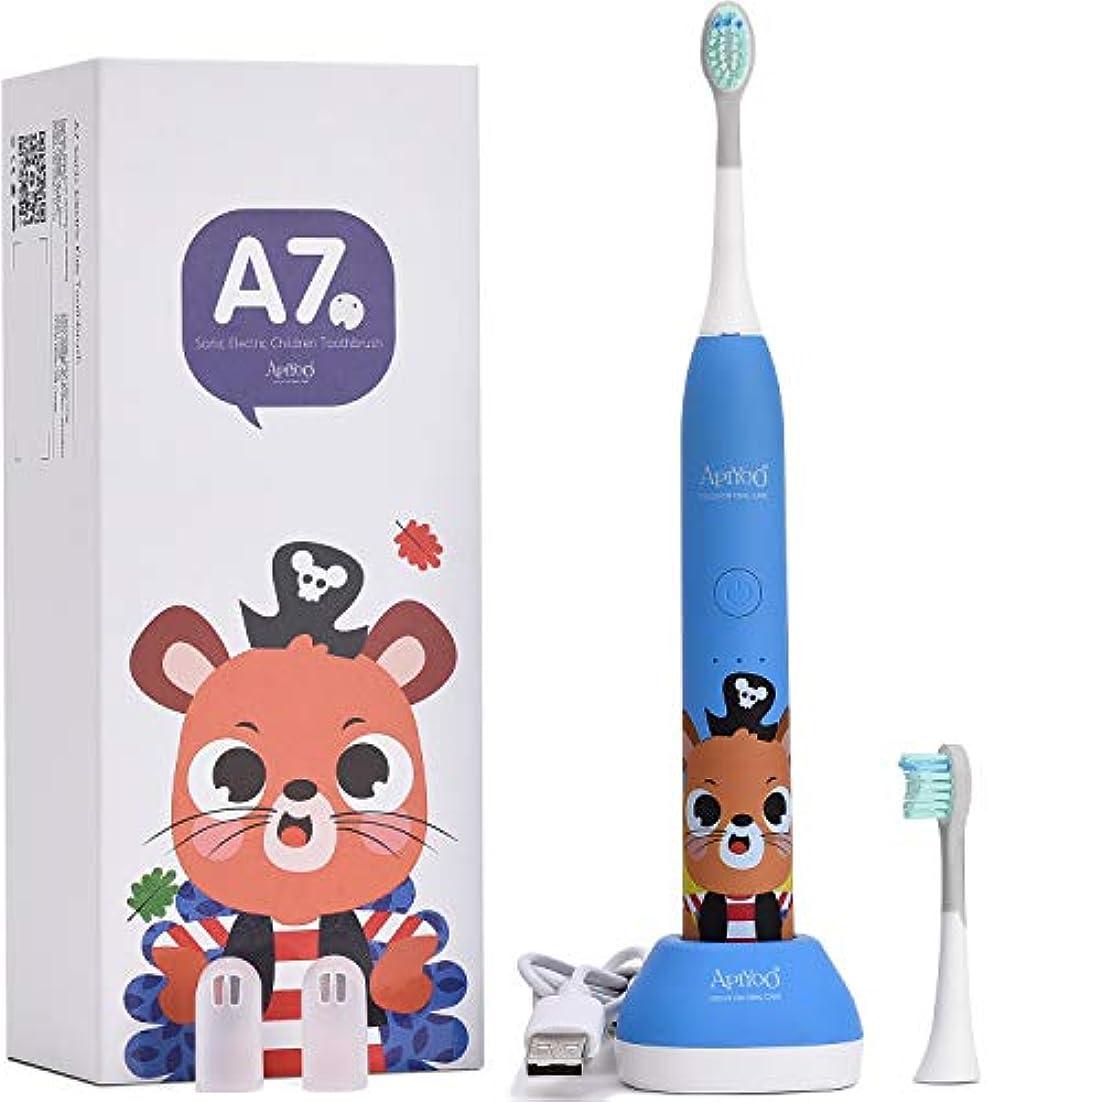 レベル東部同一の子供用歯ブラシ、APIYOO A7ワイヤレス充電式電動歯ブラシ、IPX7防水、三種類ブラッシングモード、子供に対応の2分間スマートタイマー機能付き(ブルー)